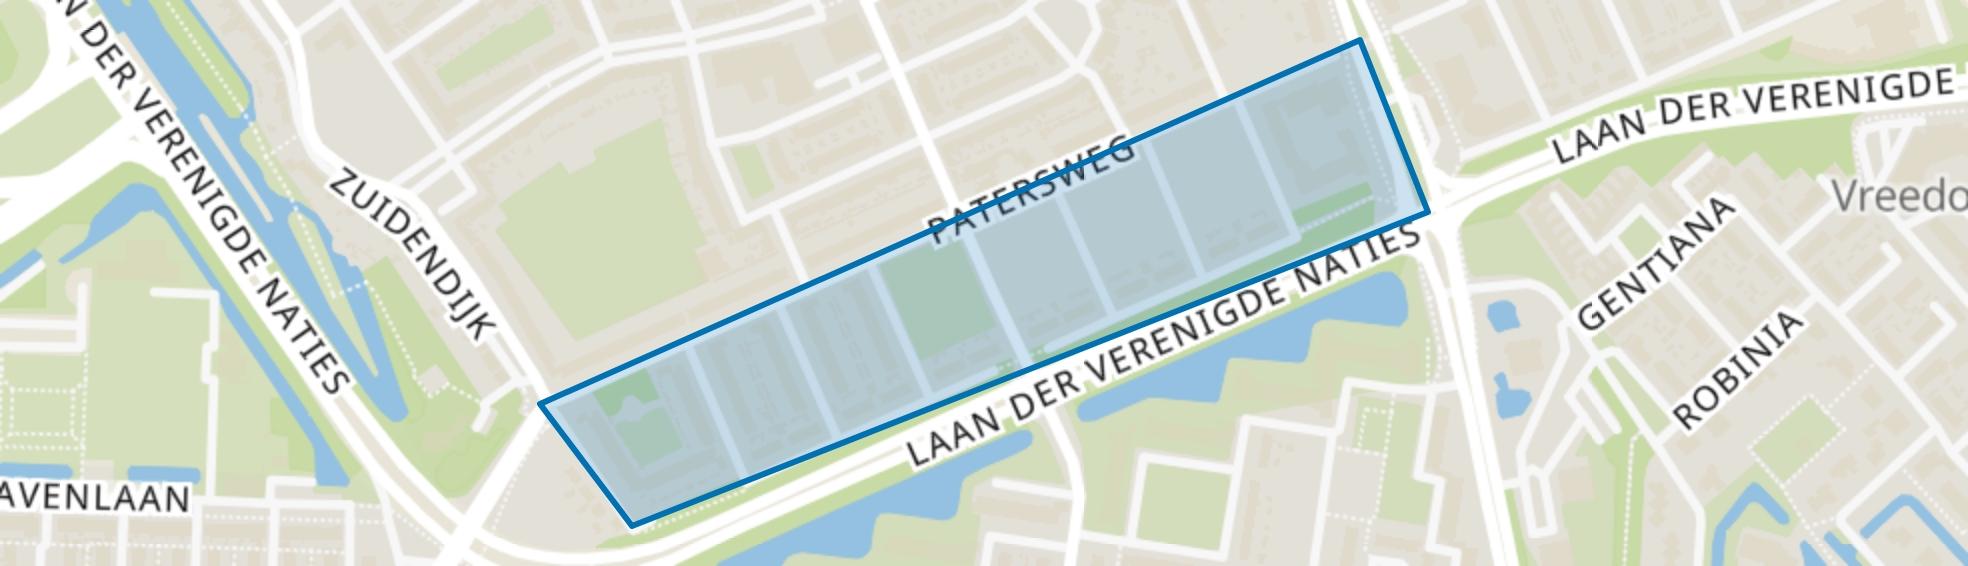 Rembrandtlaan en omgeving, Dordrecht map